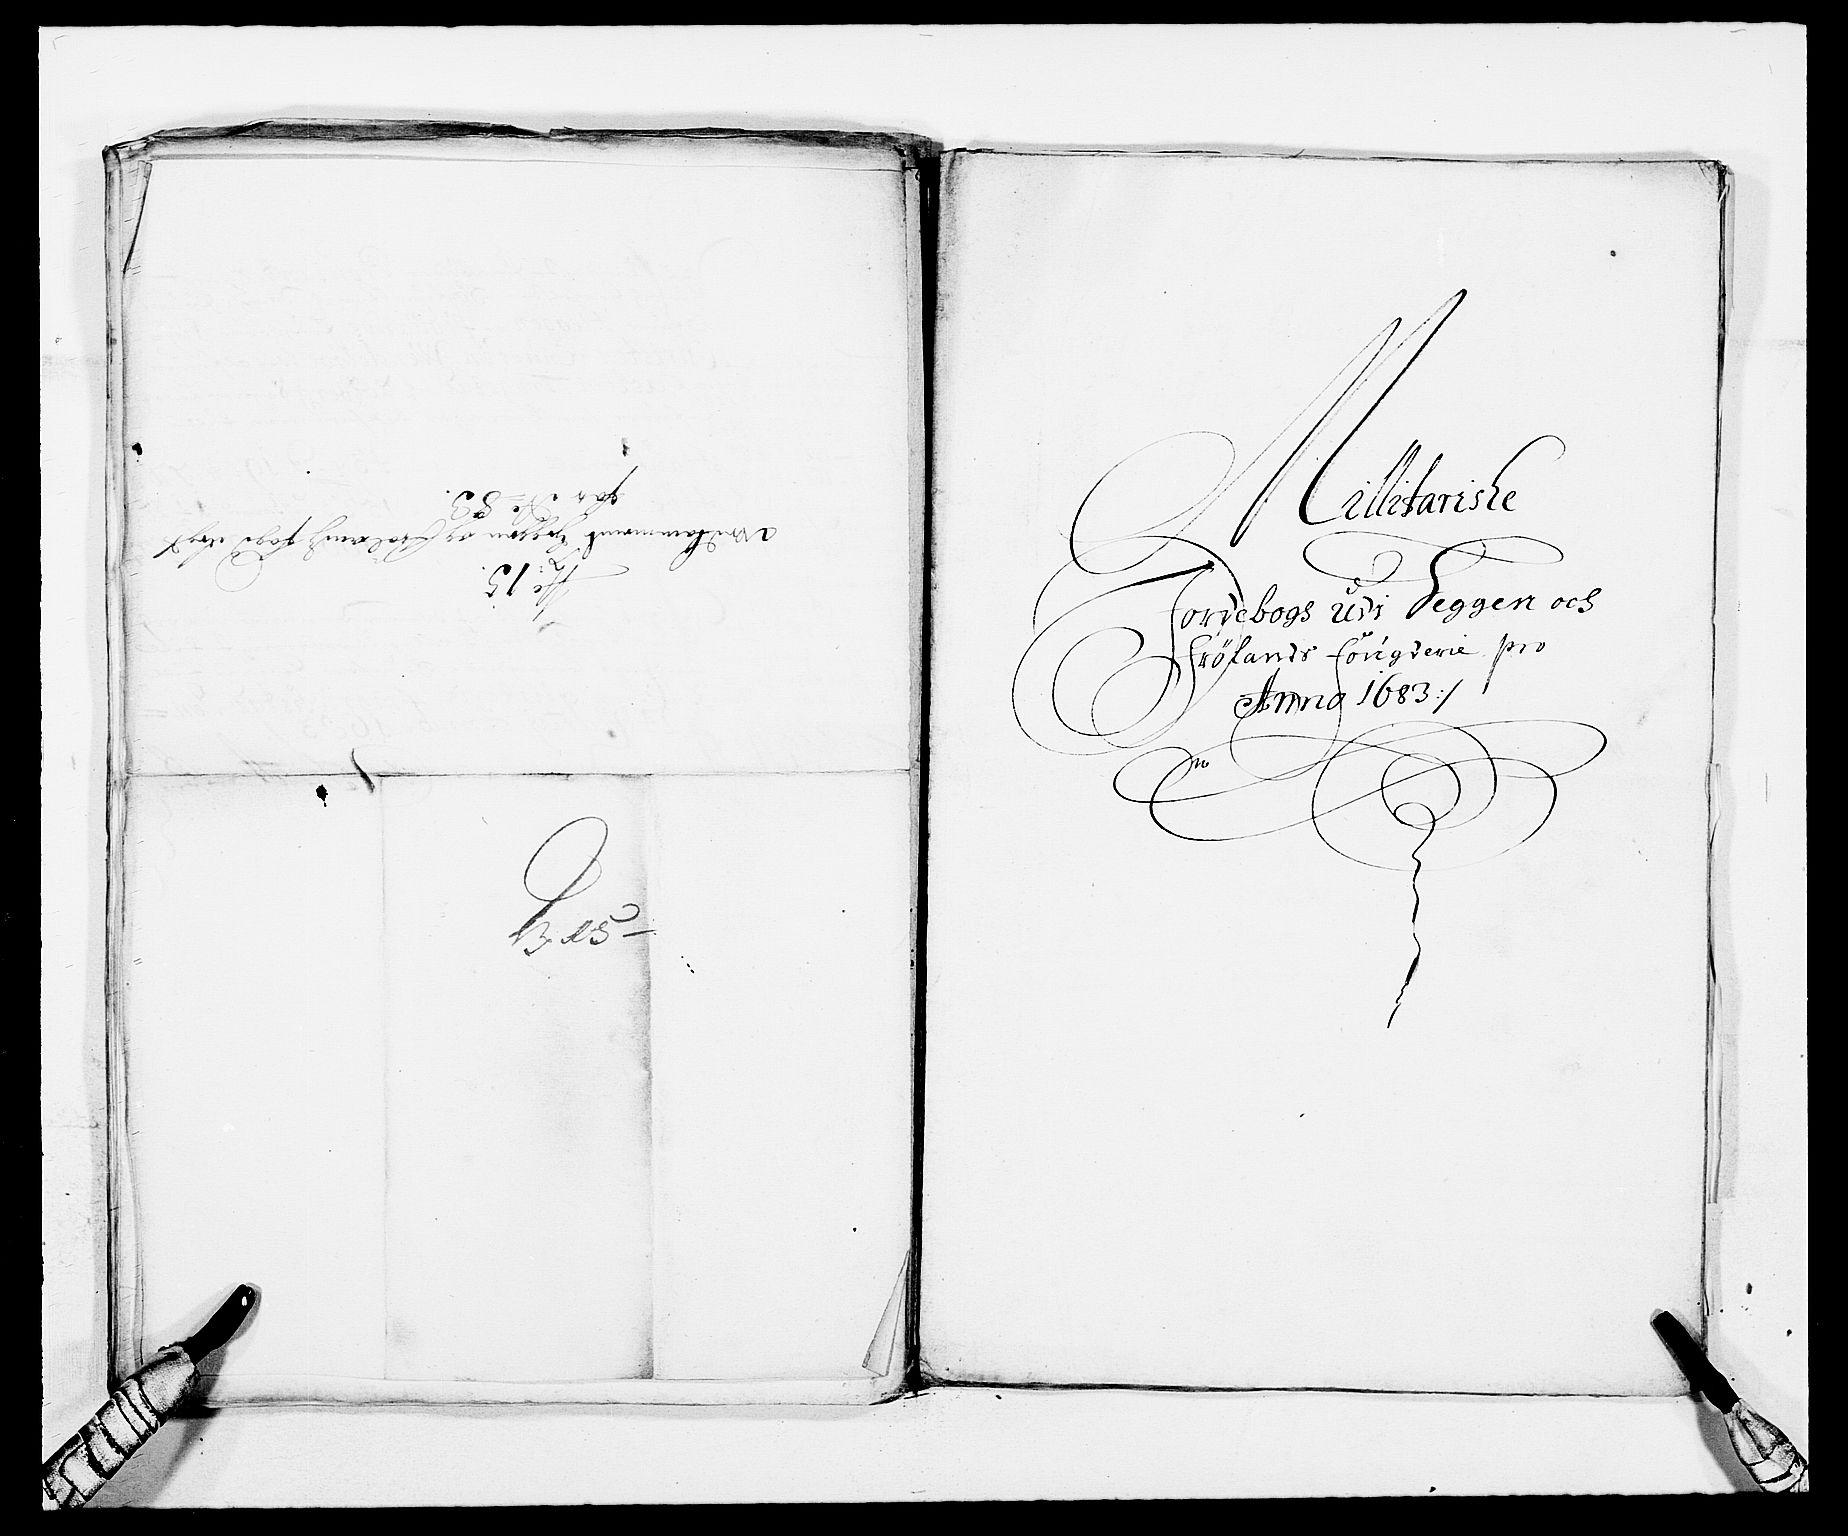 RA, Rentekammeret inntil 1814, Reviderte regnskaper, Fogderegnskap, R06/L0281: Fogderegnskap Heggen og Frøland, 1678-1686, s. 208